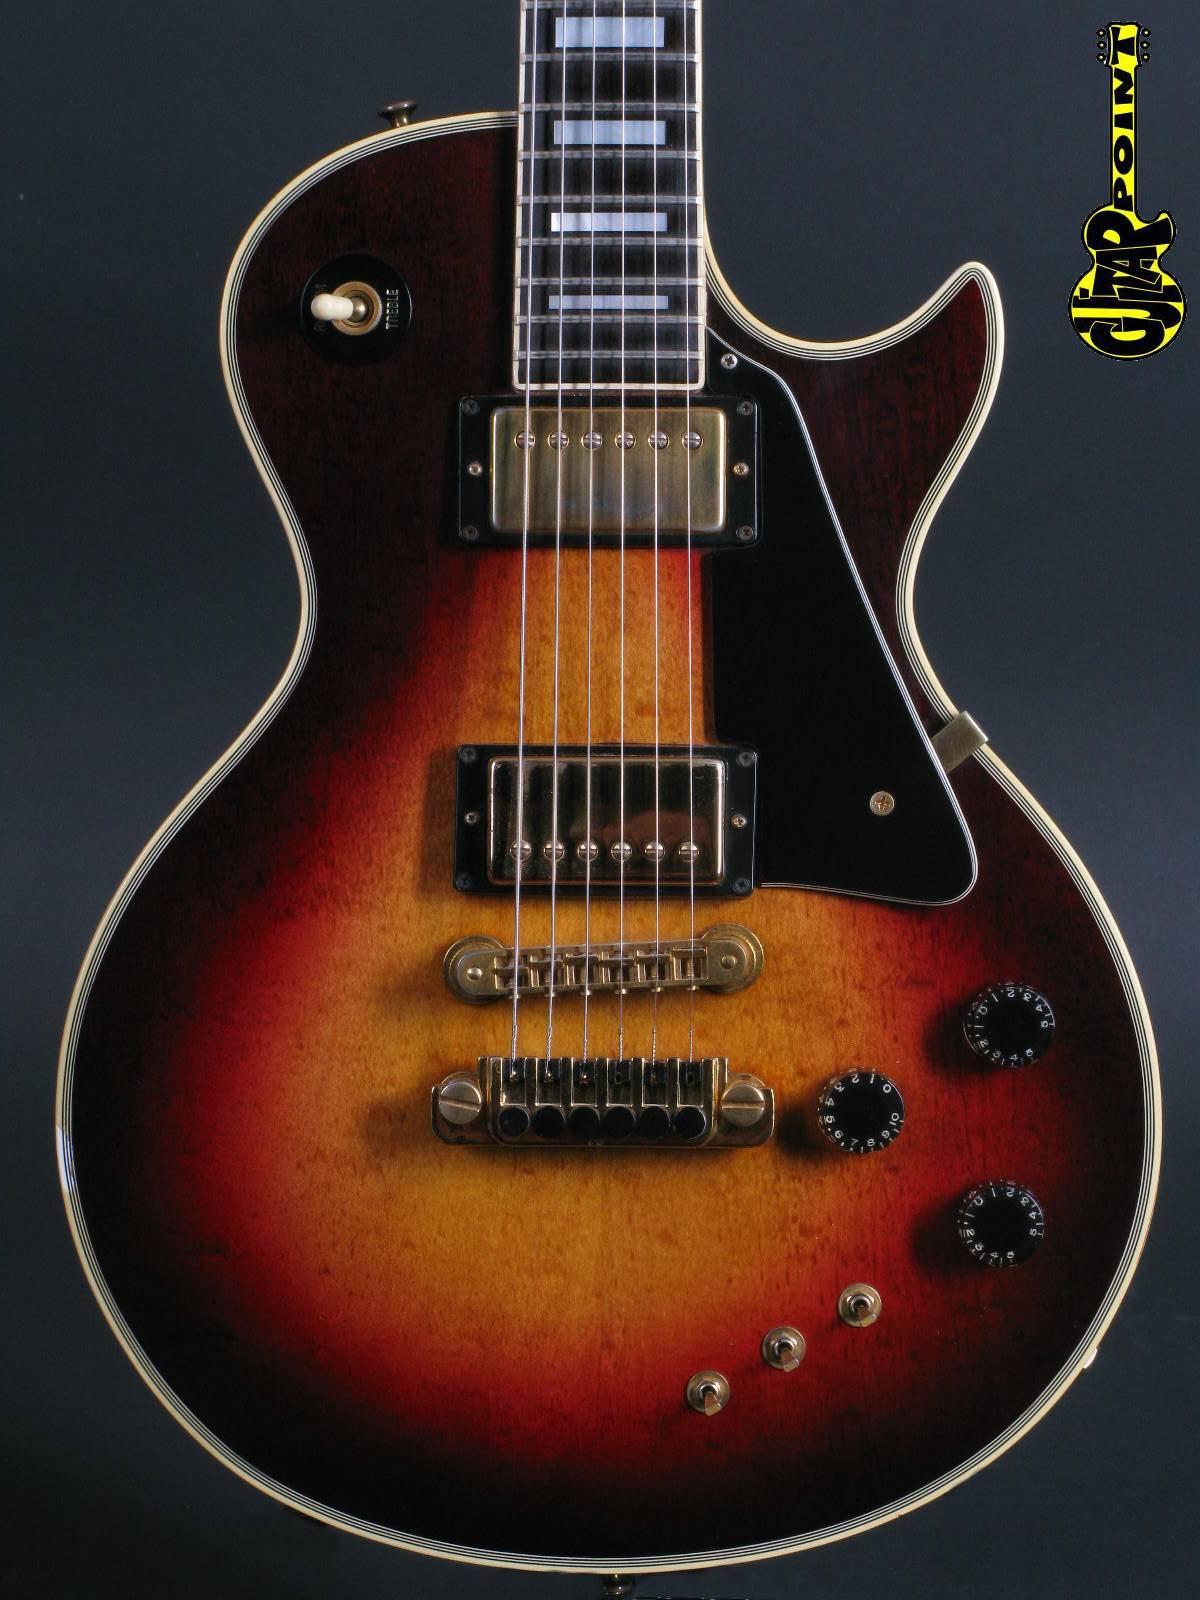 1979 Gibson Les Paul Artist - Fireburst